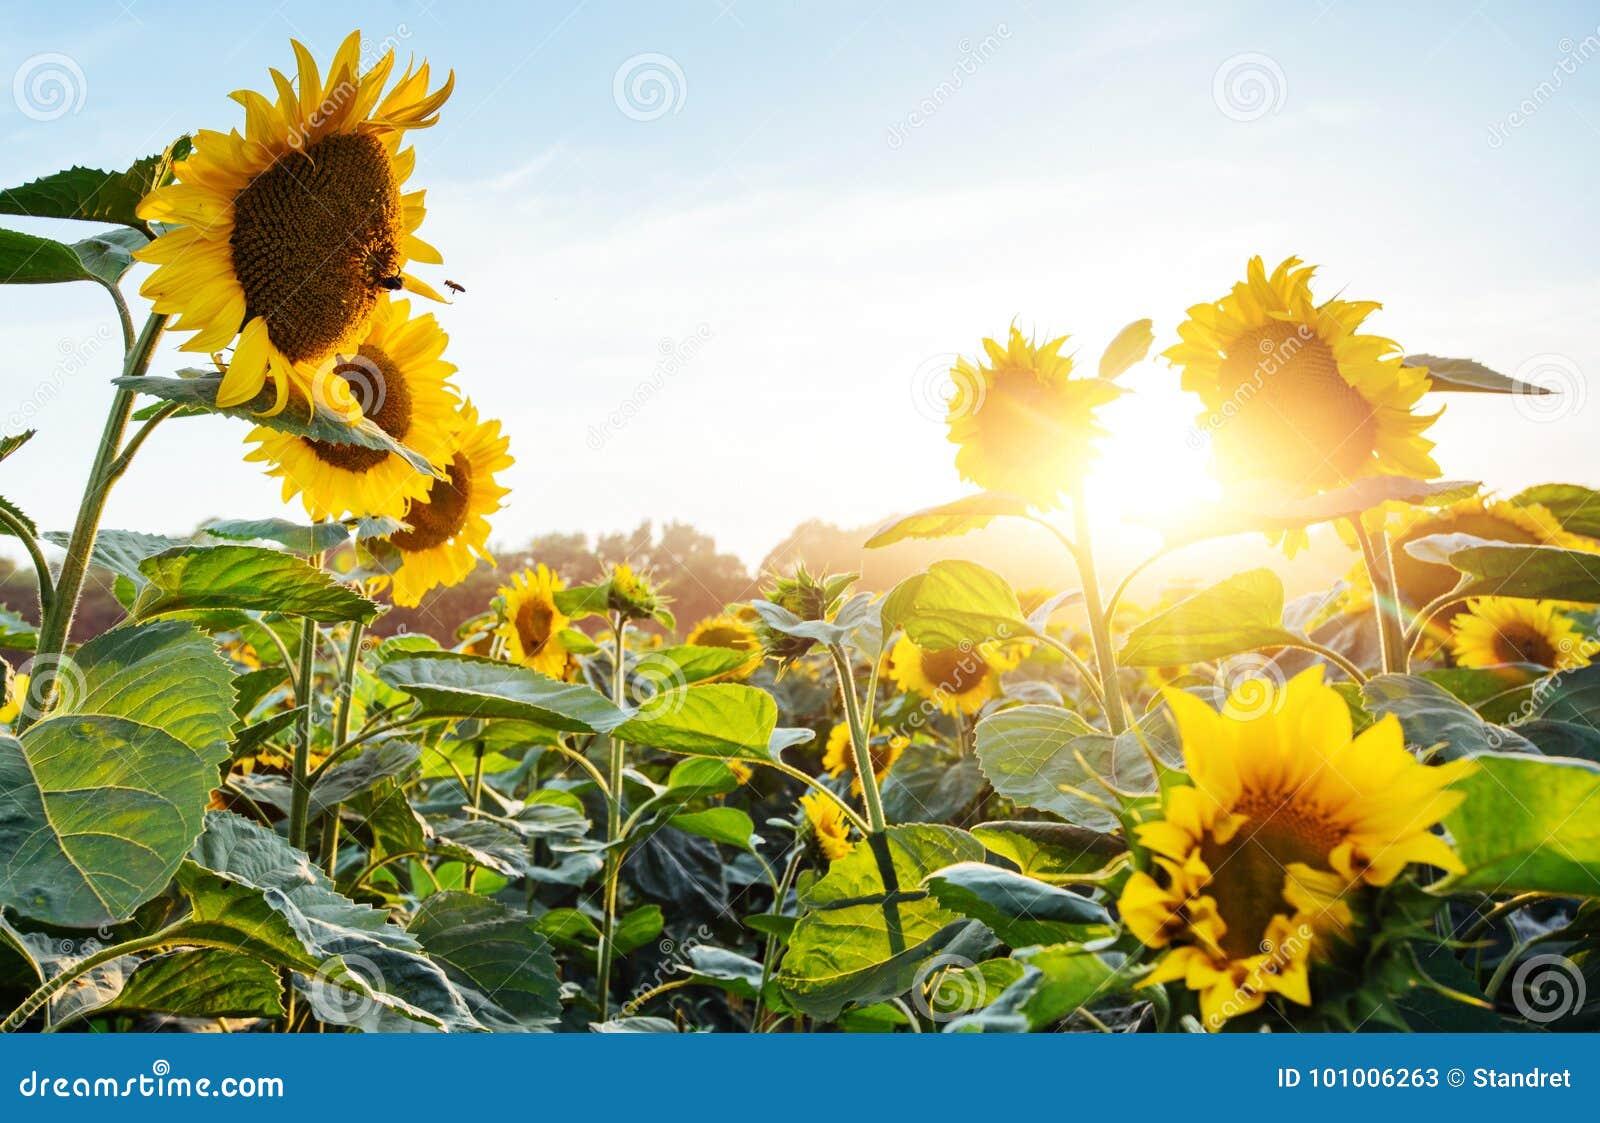 Φωτεινό κίτρινο, πορτοκαλί λουλούδι ηλίανθων στον τομέα ηλίανθων Όμορφο αγροτικό τοπίο του τομέα ηλίανθων το ηλιόλουστο καλοκαίρι